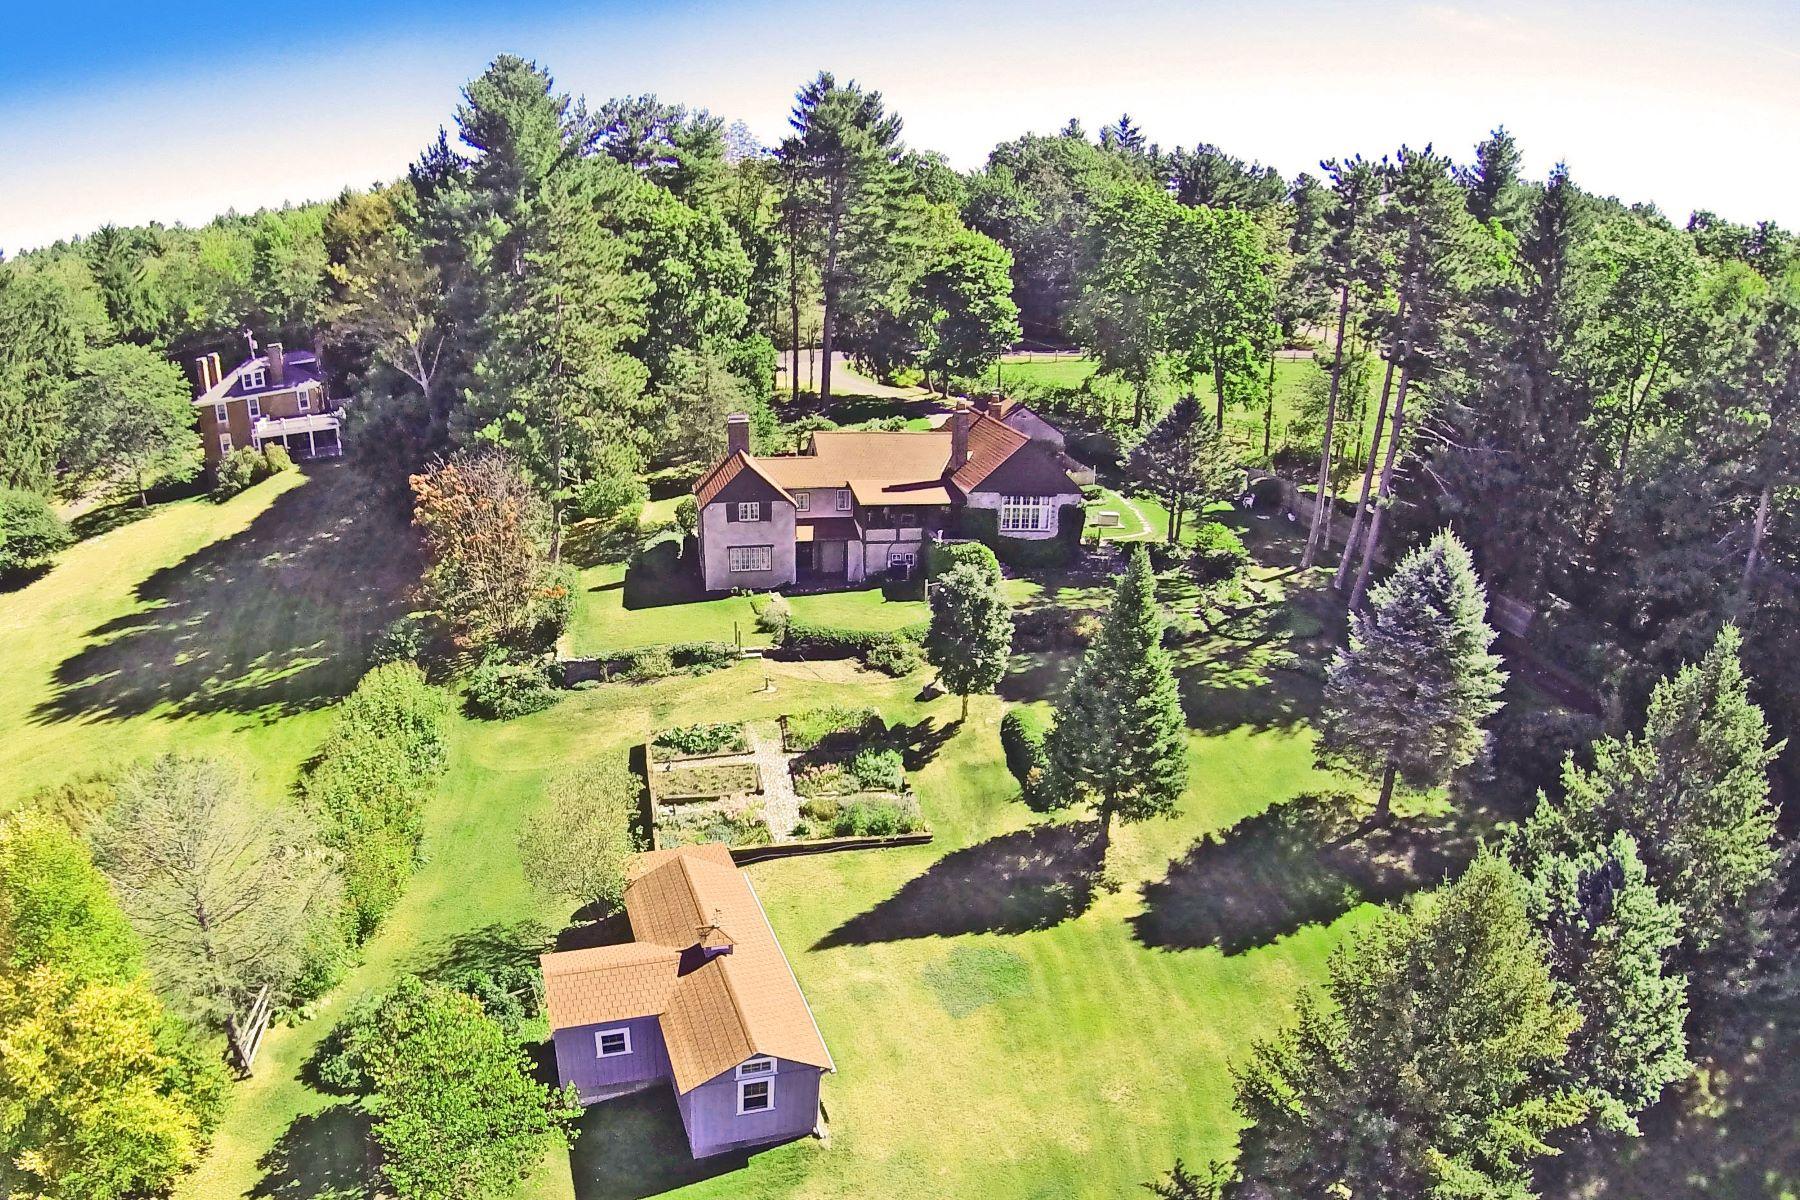 Einfamilienhaus für Verkauf beim 1910 Country Property 40 Bolton Road Harvard, Massachusetts, 01451 Vereinigte Staaten